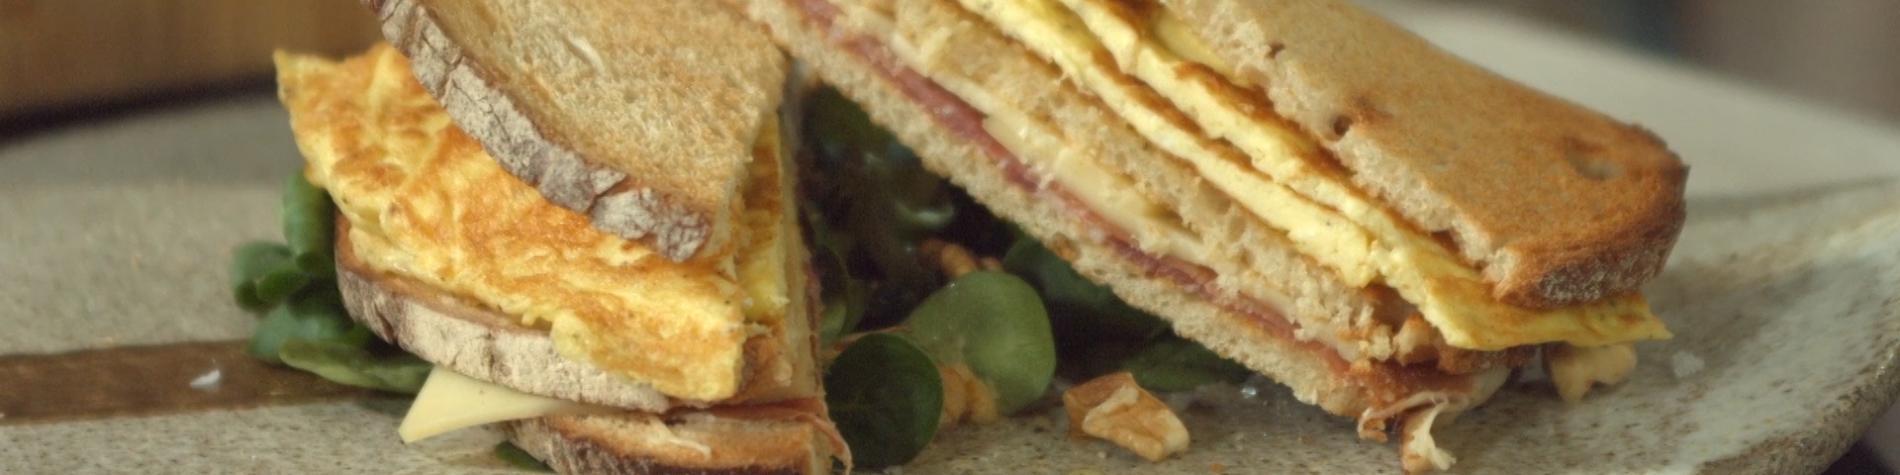 Recettes - cuisine - Julien Lapraille - sandwich - Gaume